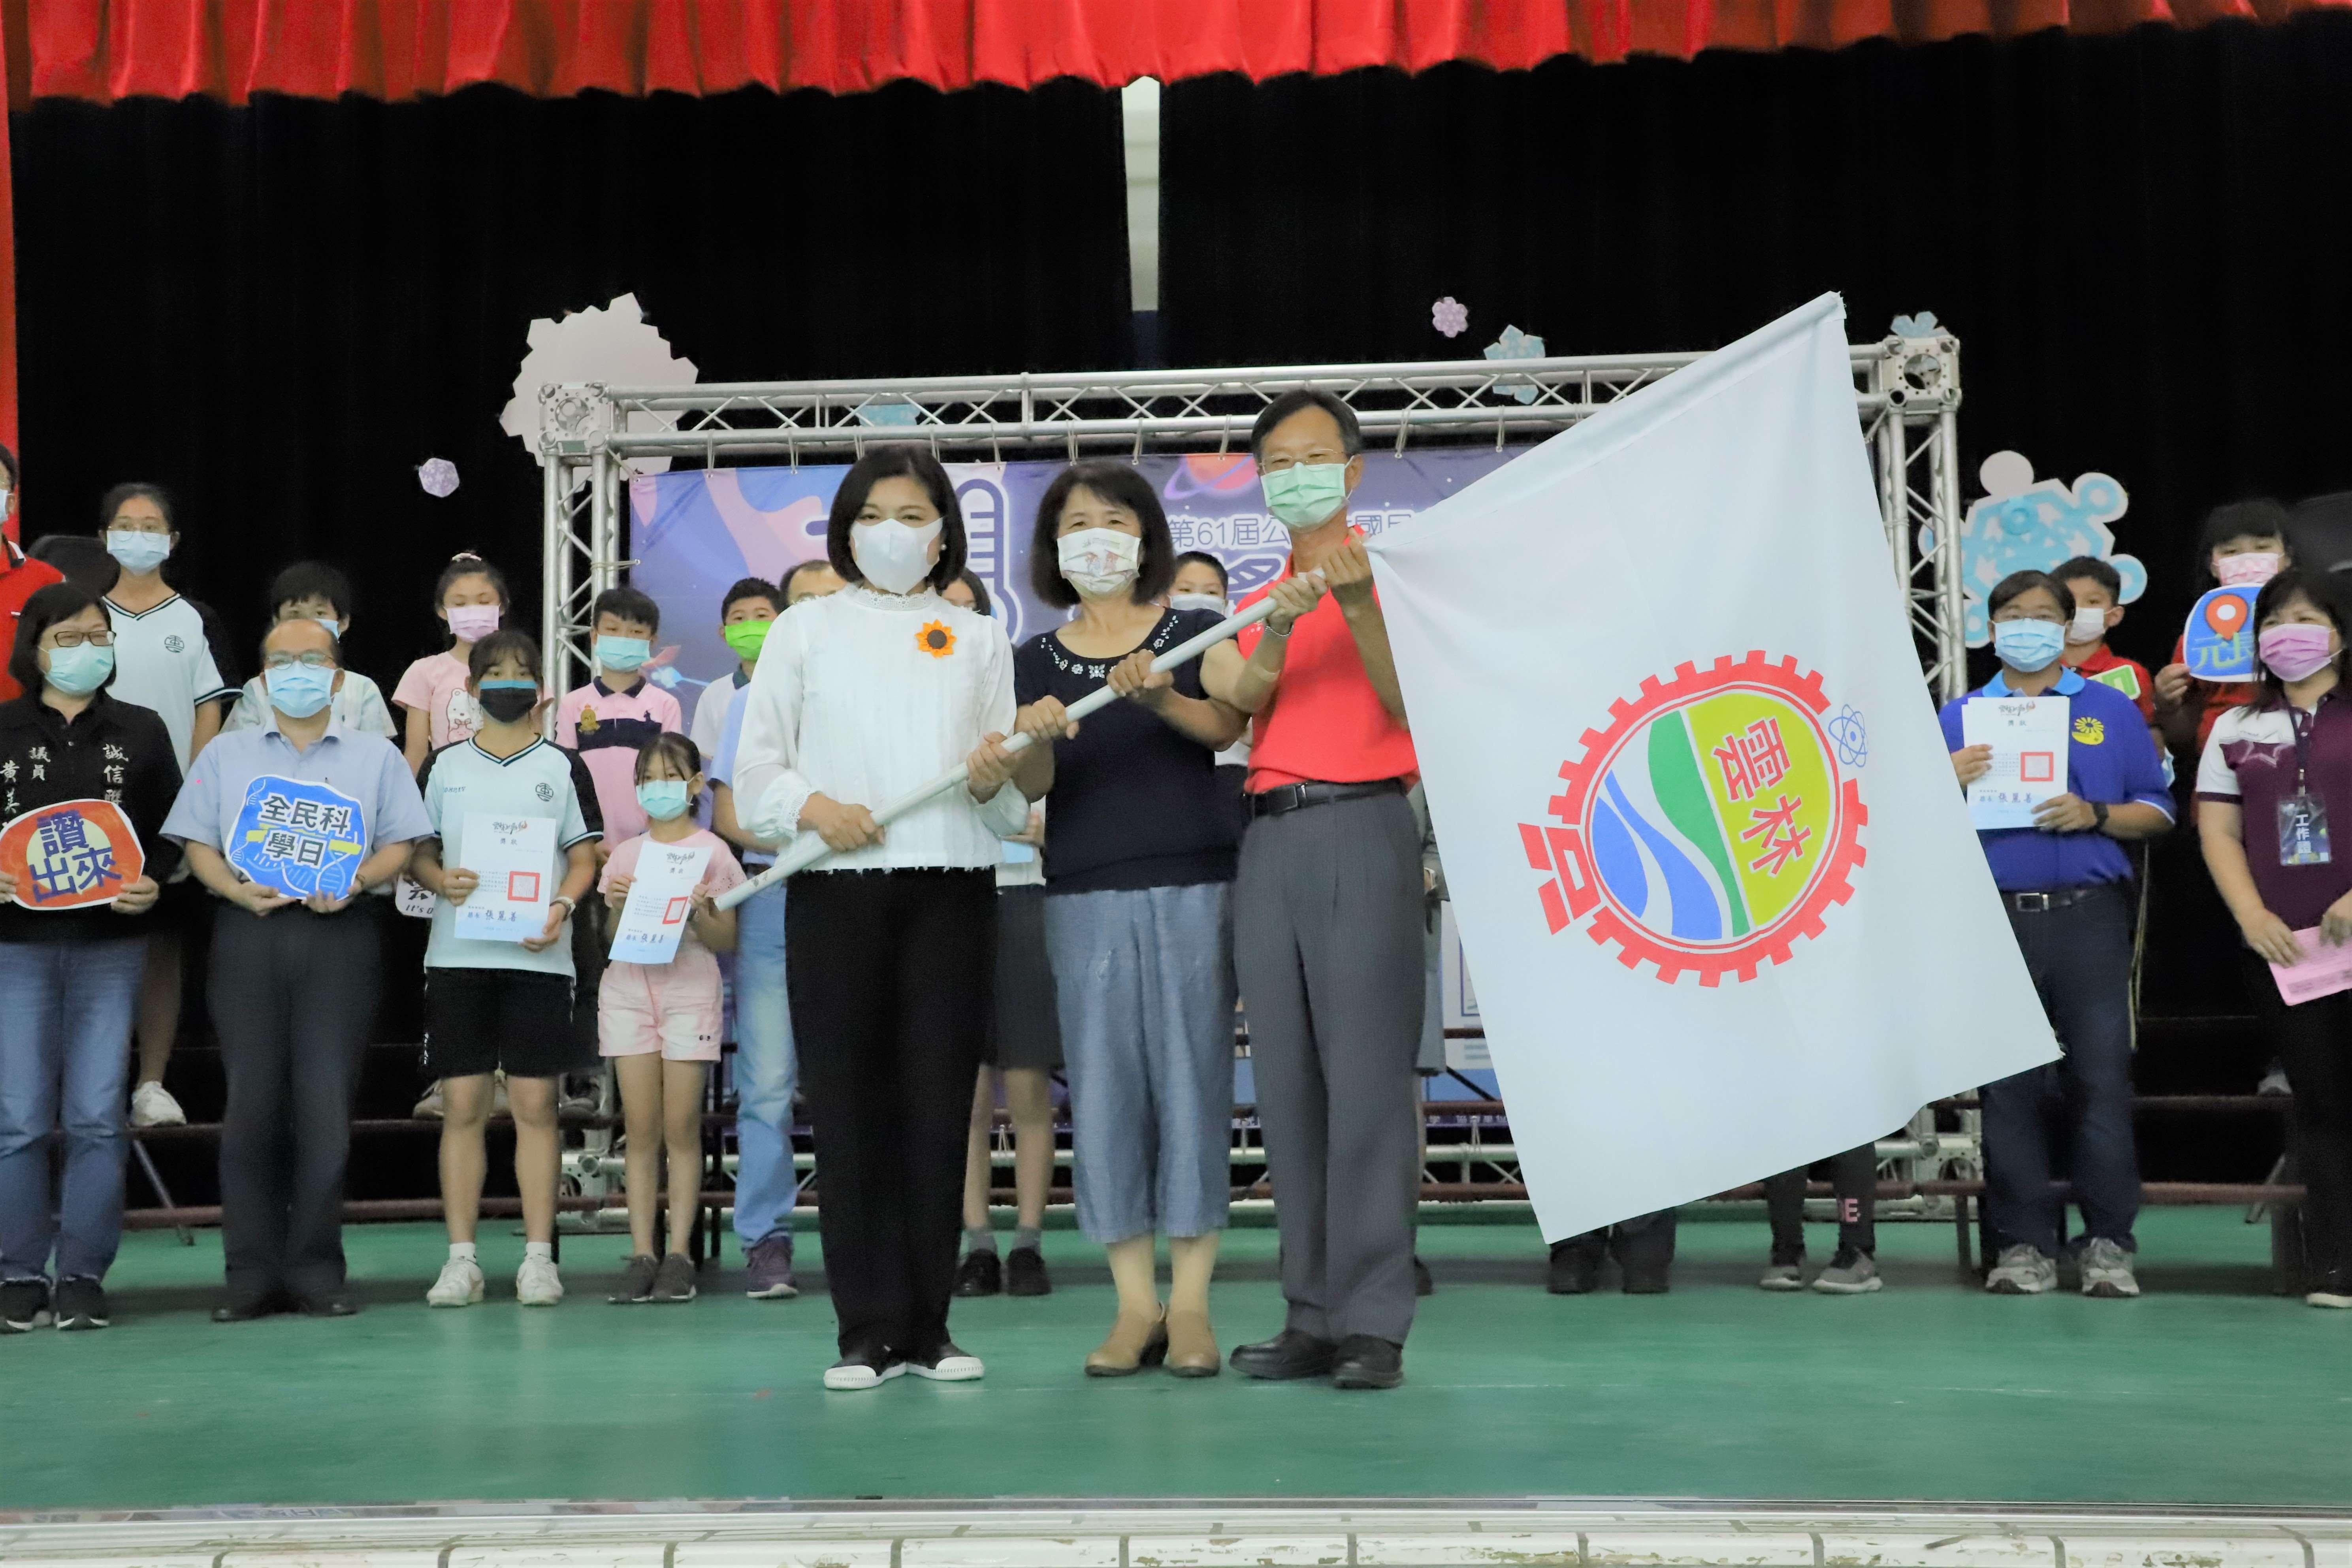 張縣長授旗給即將代表雲林參加全國科展的學校,預祝他們獲得佳績。